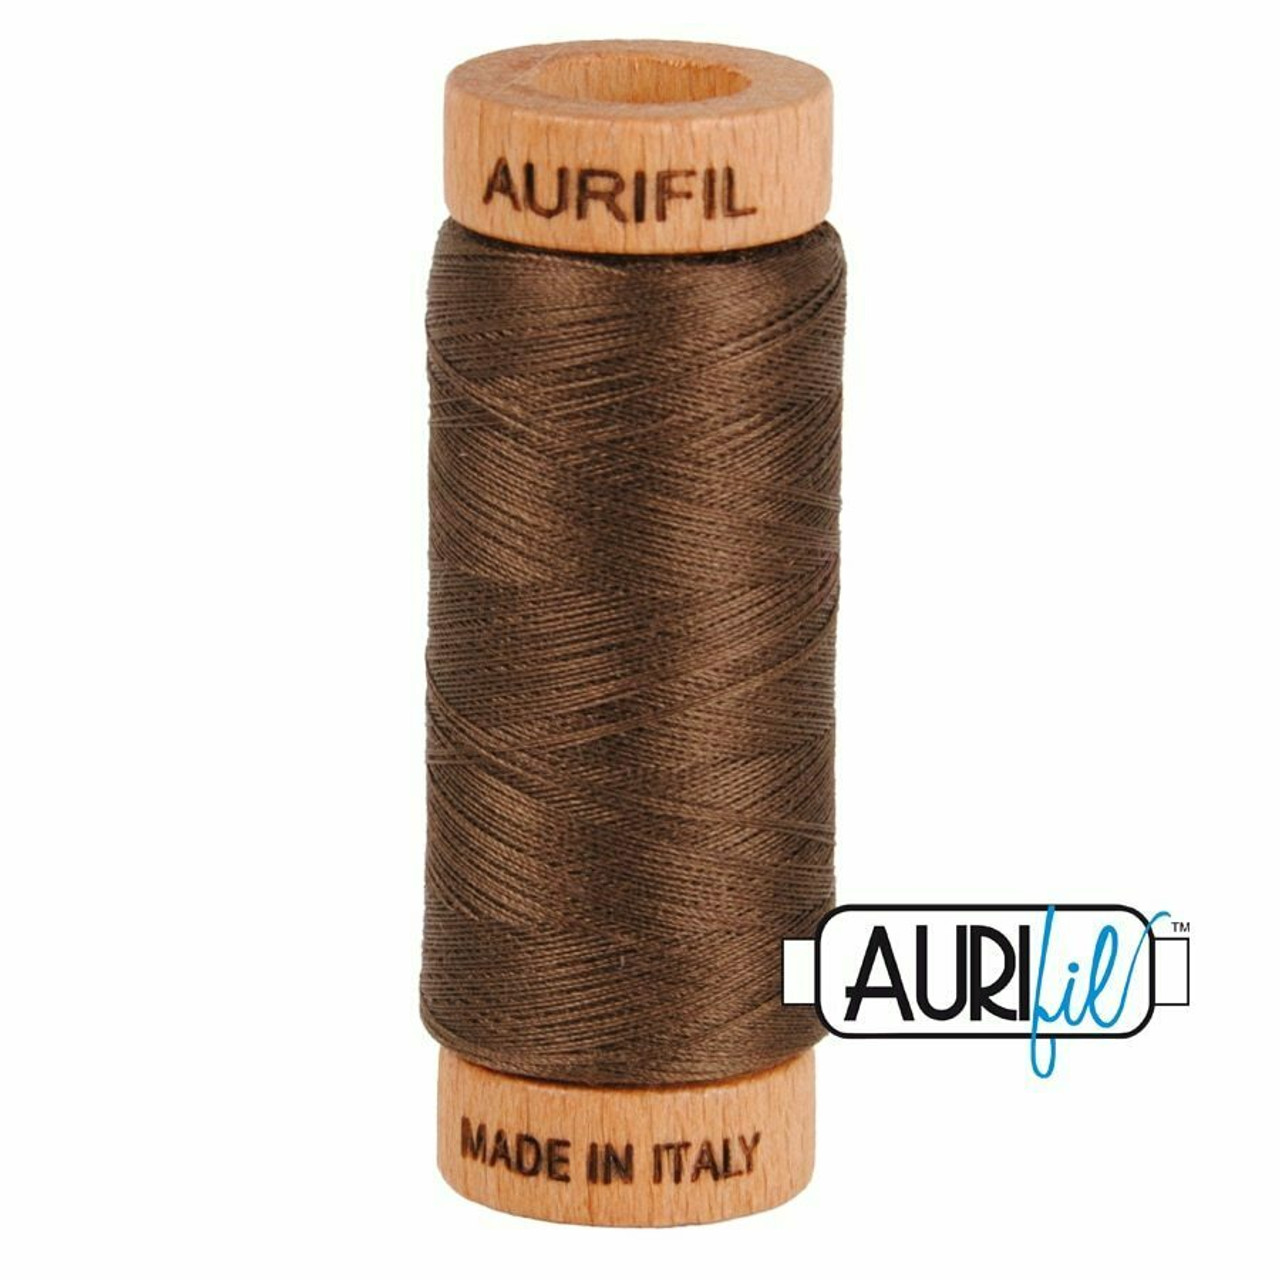 Aurifil 80wt Bark (1140) thread